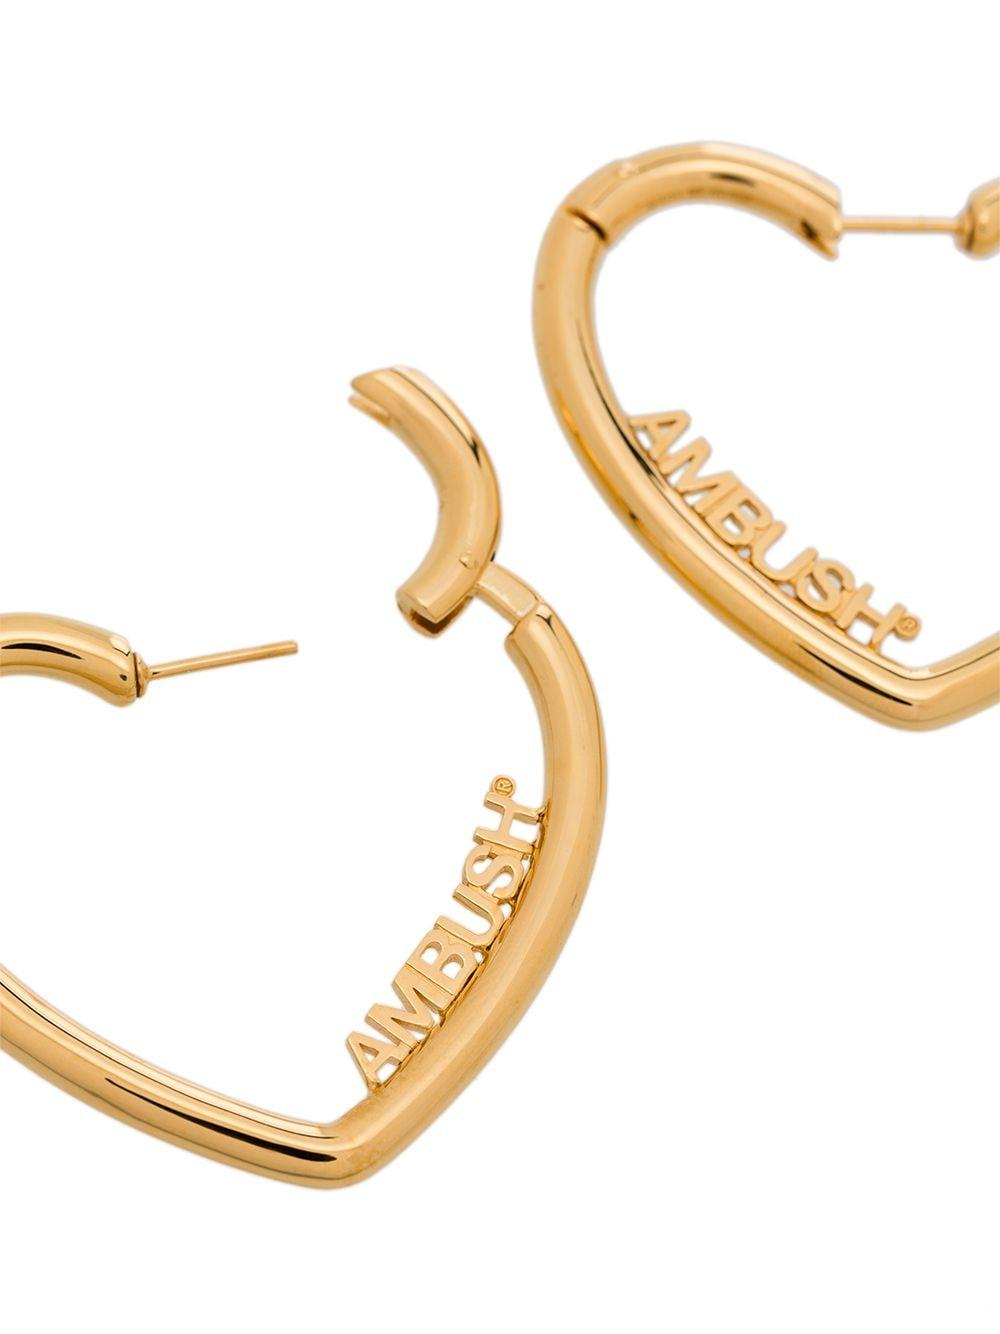 AMBUSH AMBUSH | Earrings | BMOD006F20MET0017676